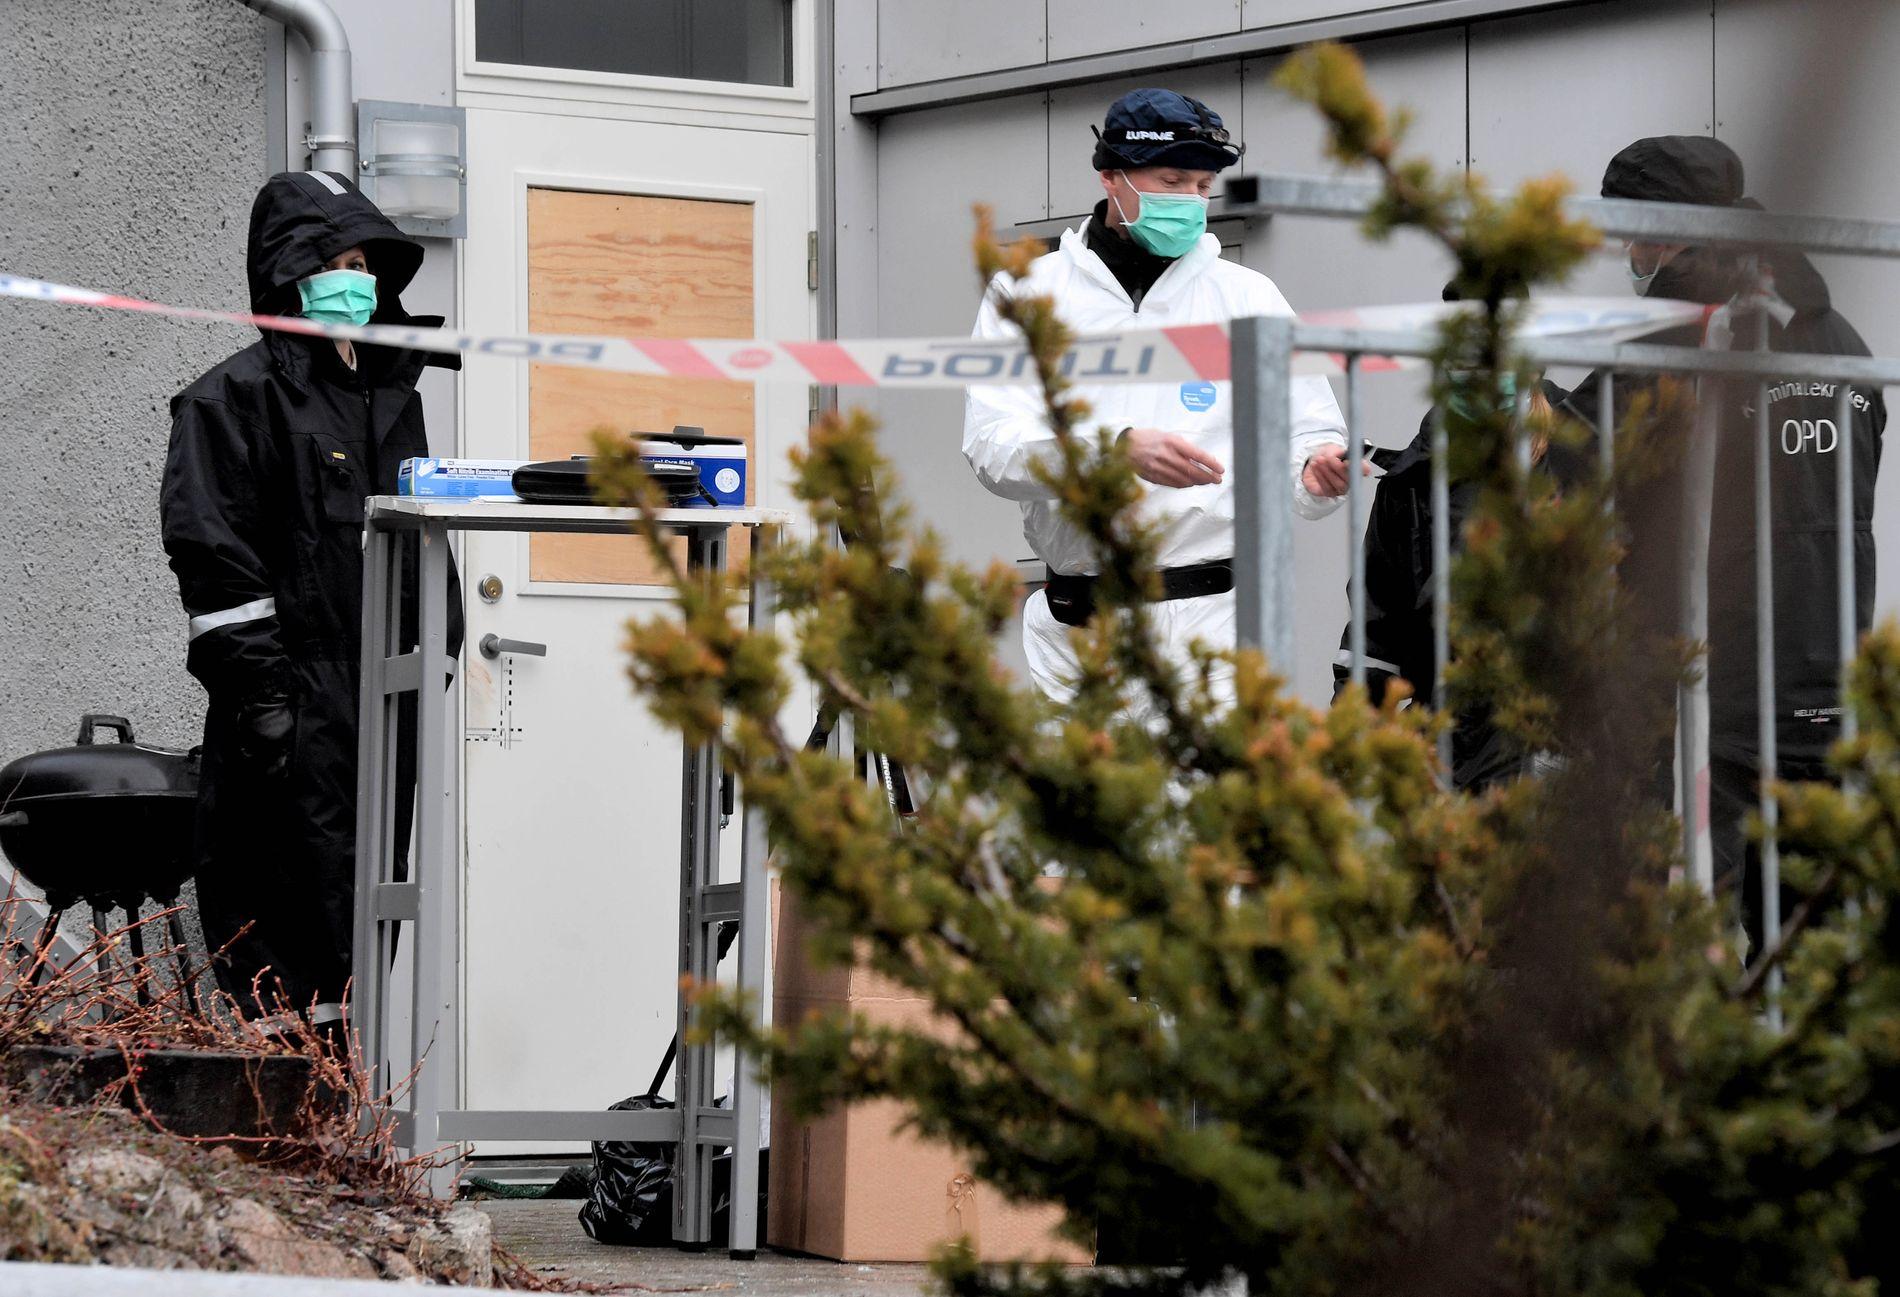 DREPT: Norsk-iraneren ble obdusert på mandag, men dødsårsaken er ennå ikke kjent.